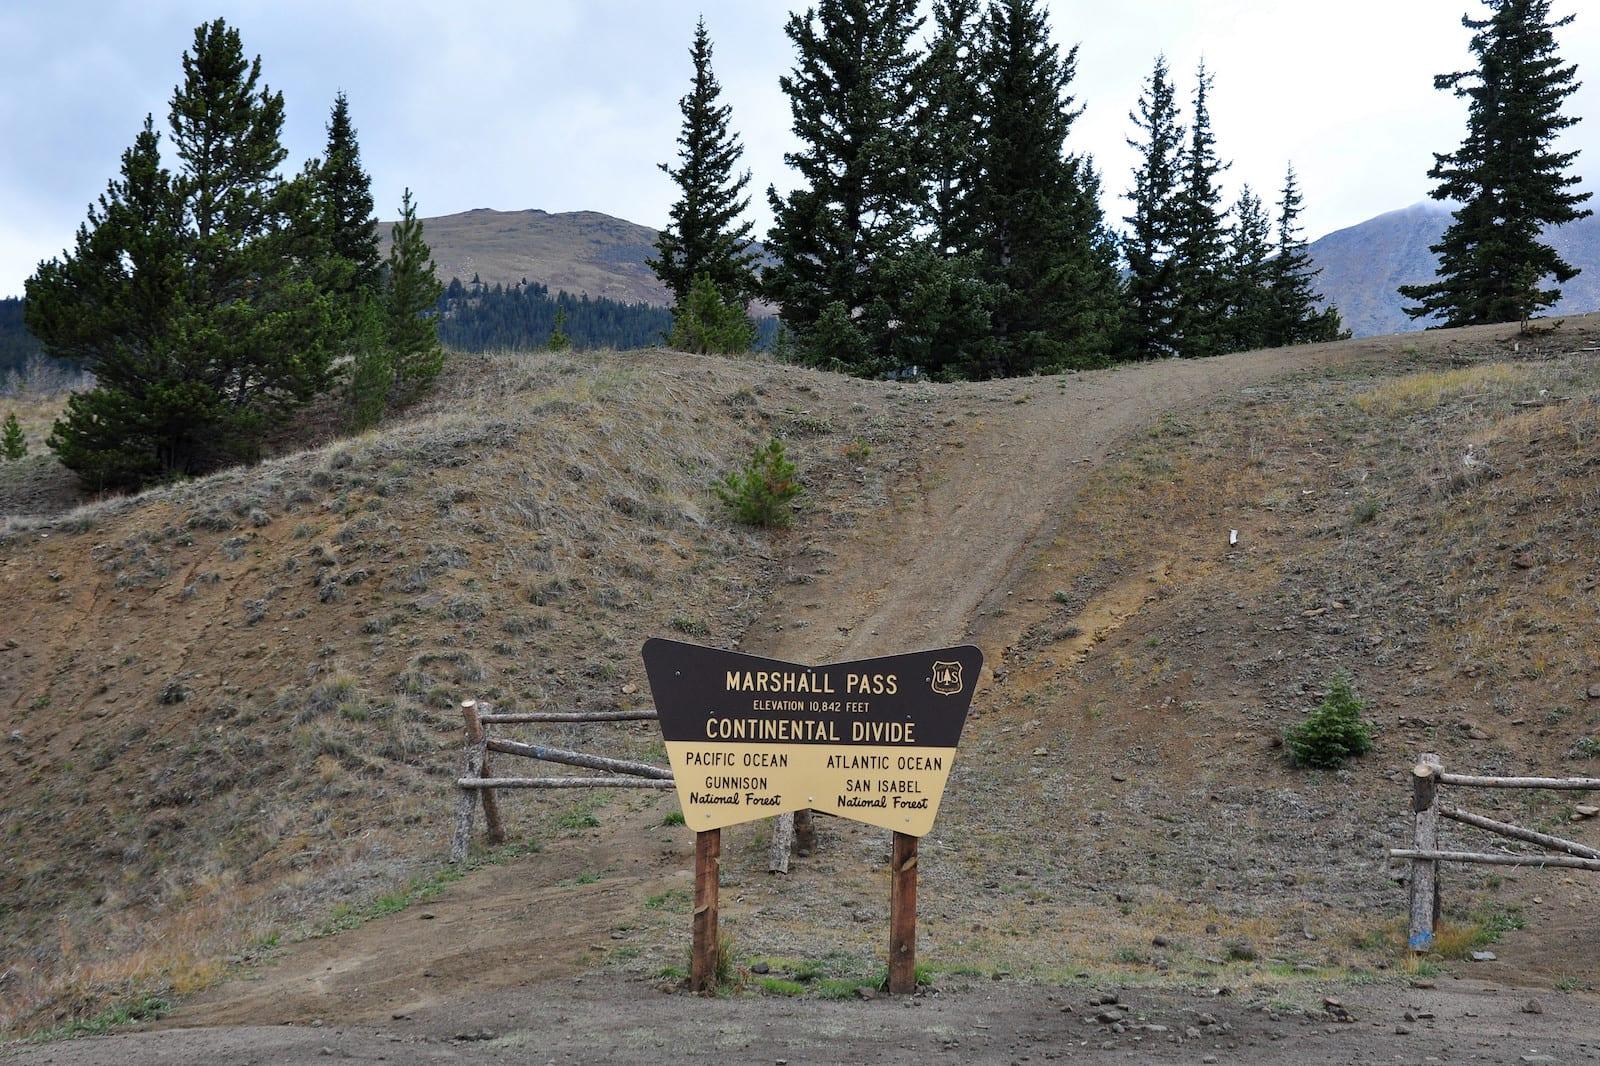 Marshall Pass, Colorado